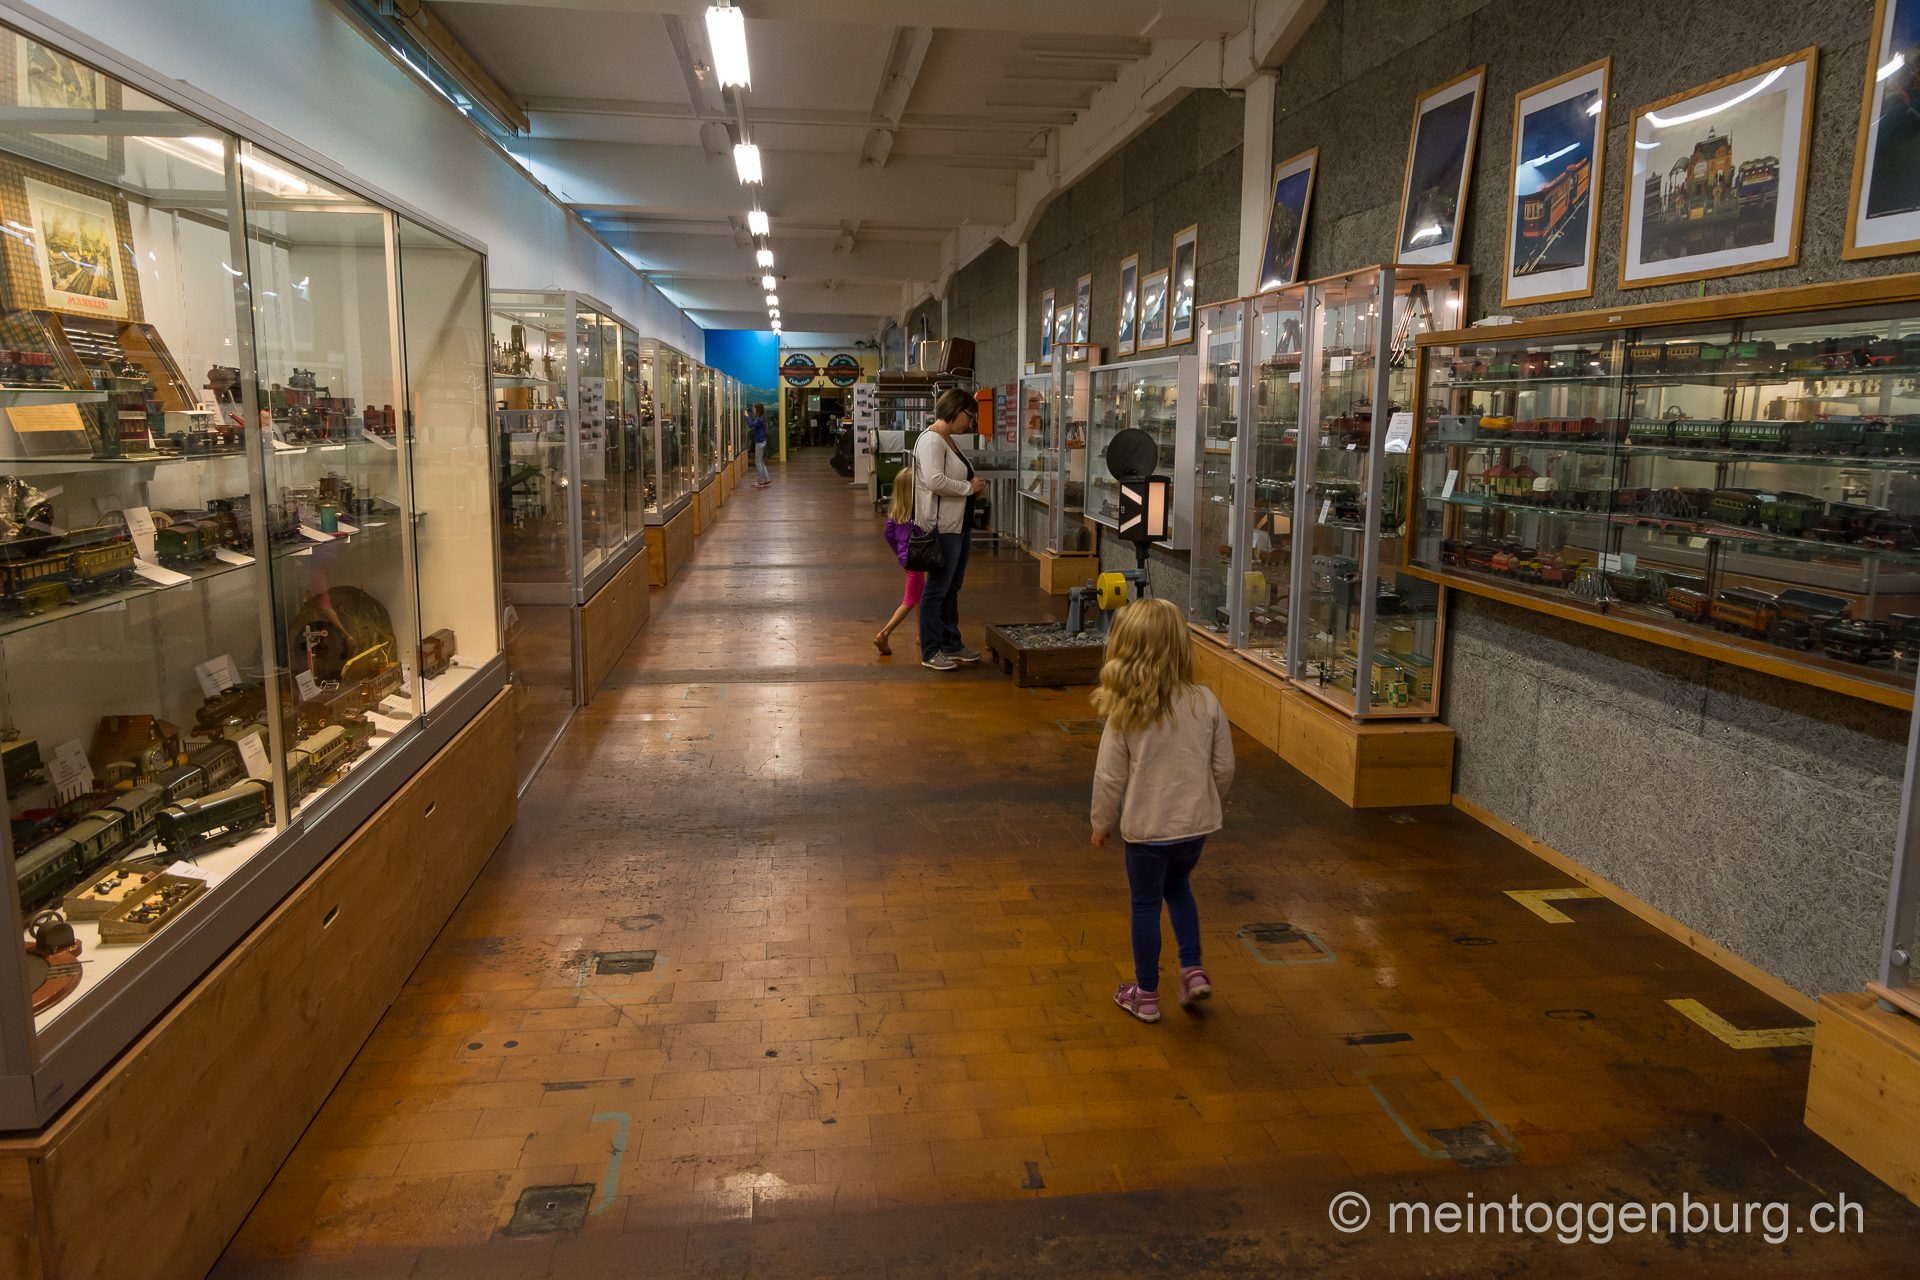 Erlebniswelt Toggenburg Lichtensteig Modelleisenbahn Museum Oldtimer Puppen Krippen